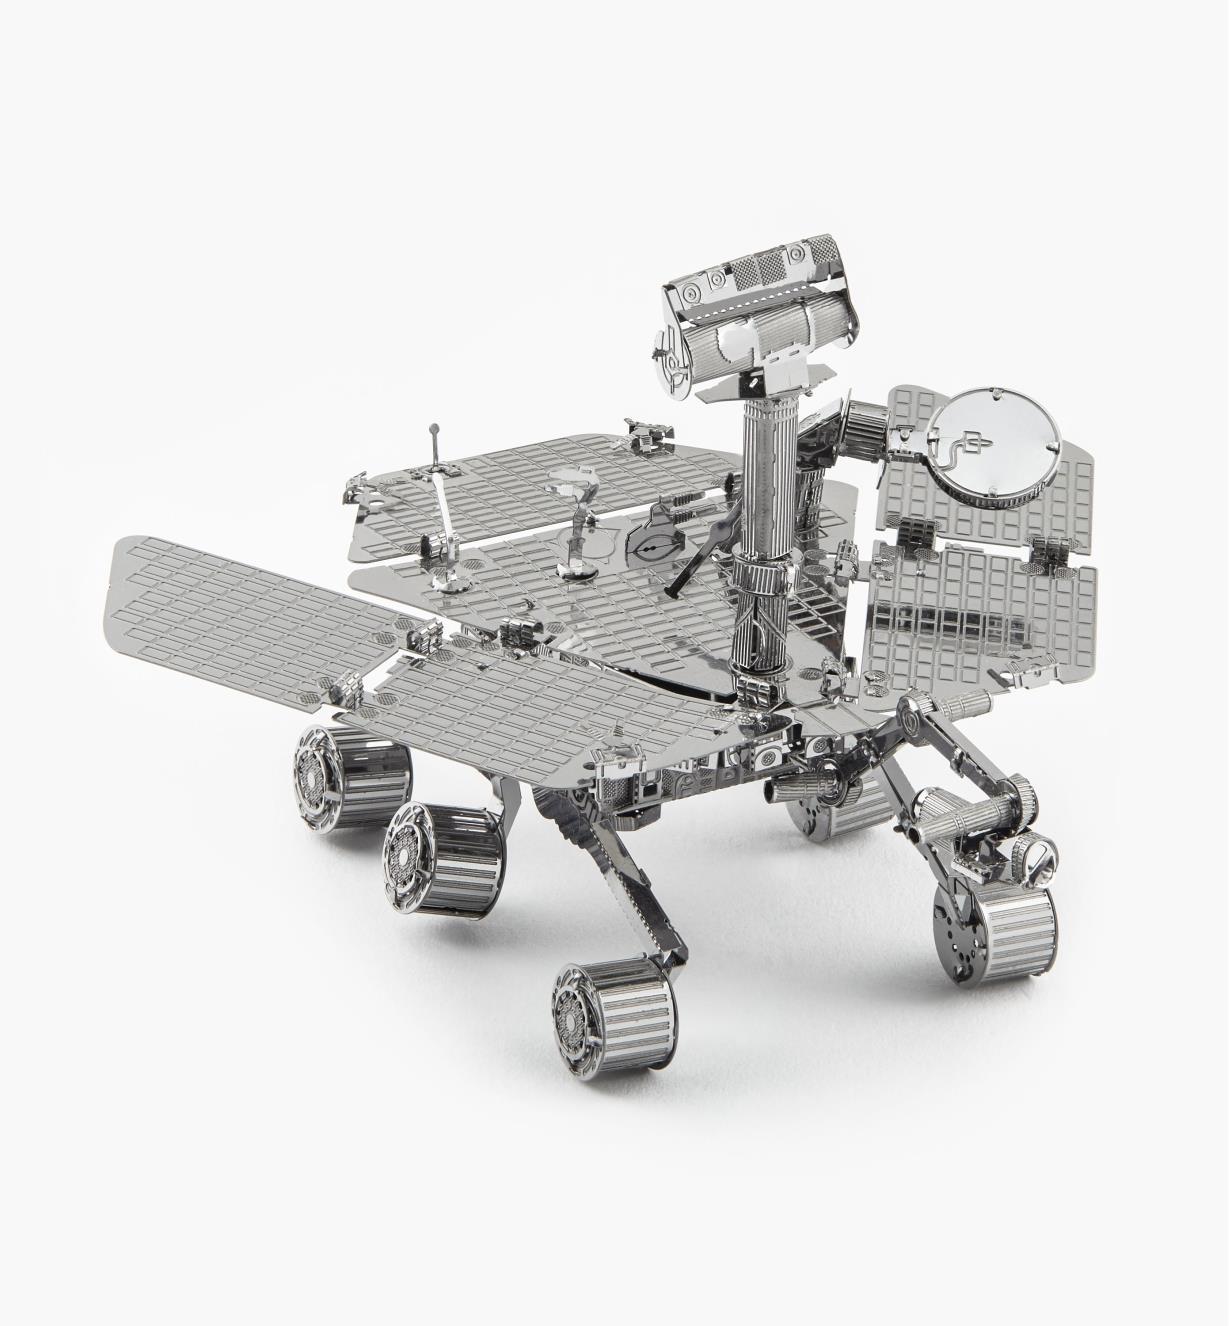 45K4076 - Modèle réduit en métal – Véhicule martien